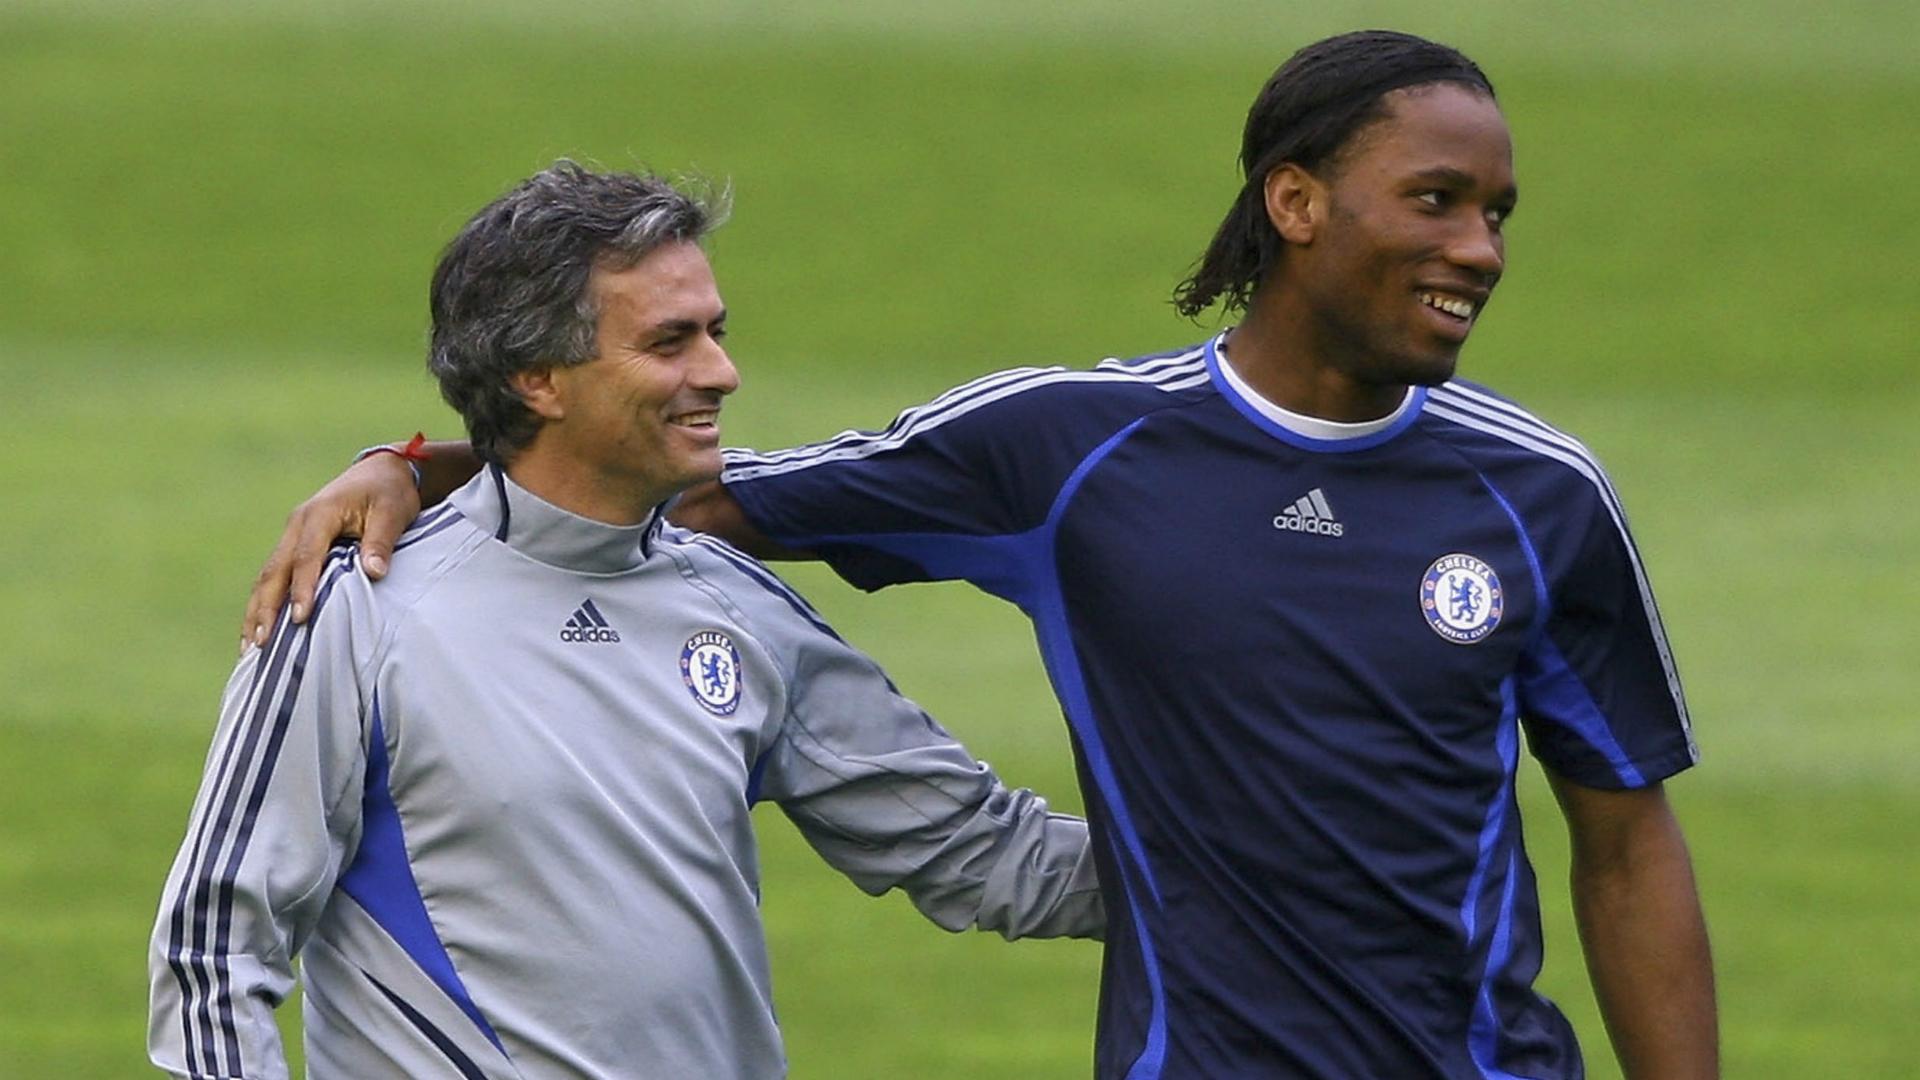 Chelsea legend Didier Drogba confirms retirement at 40